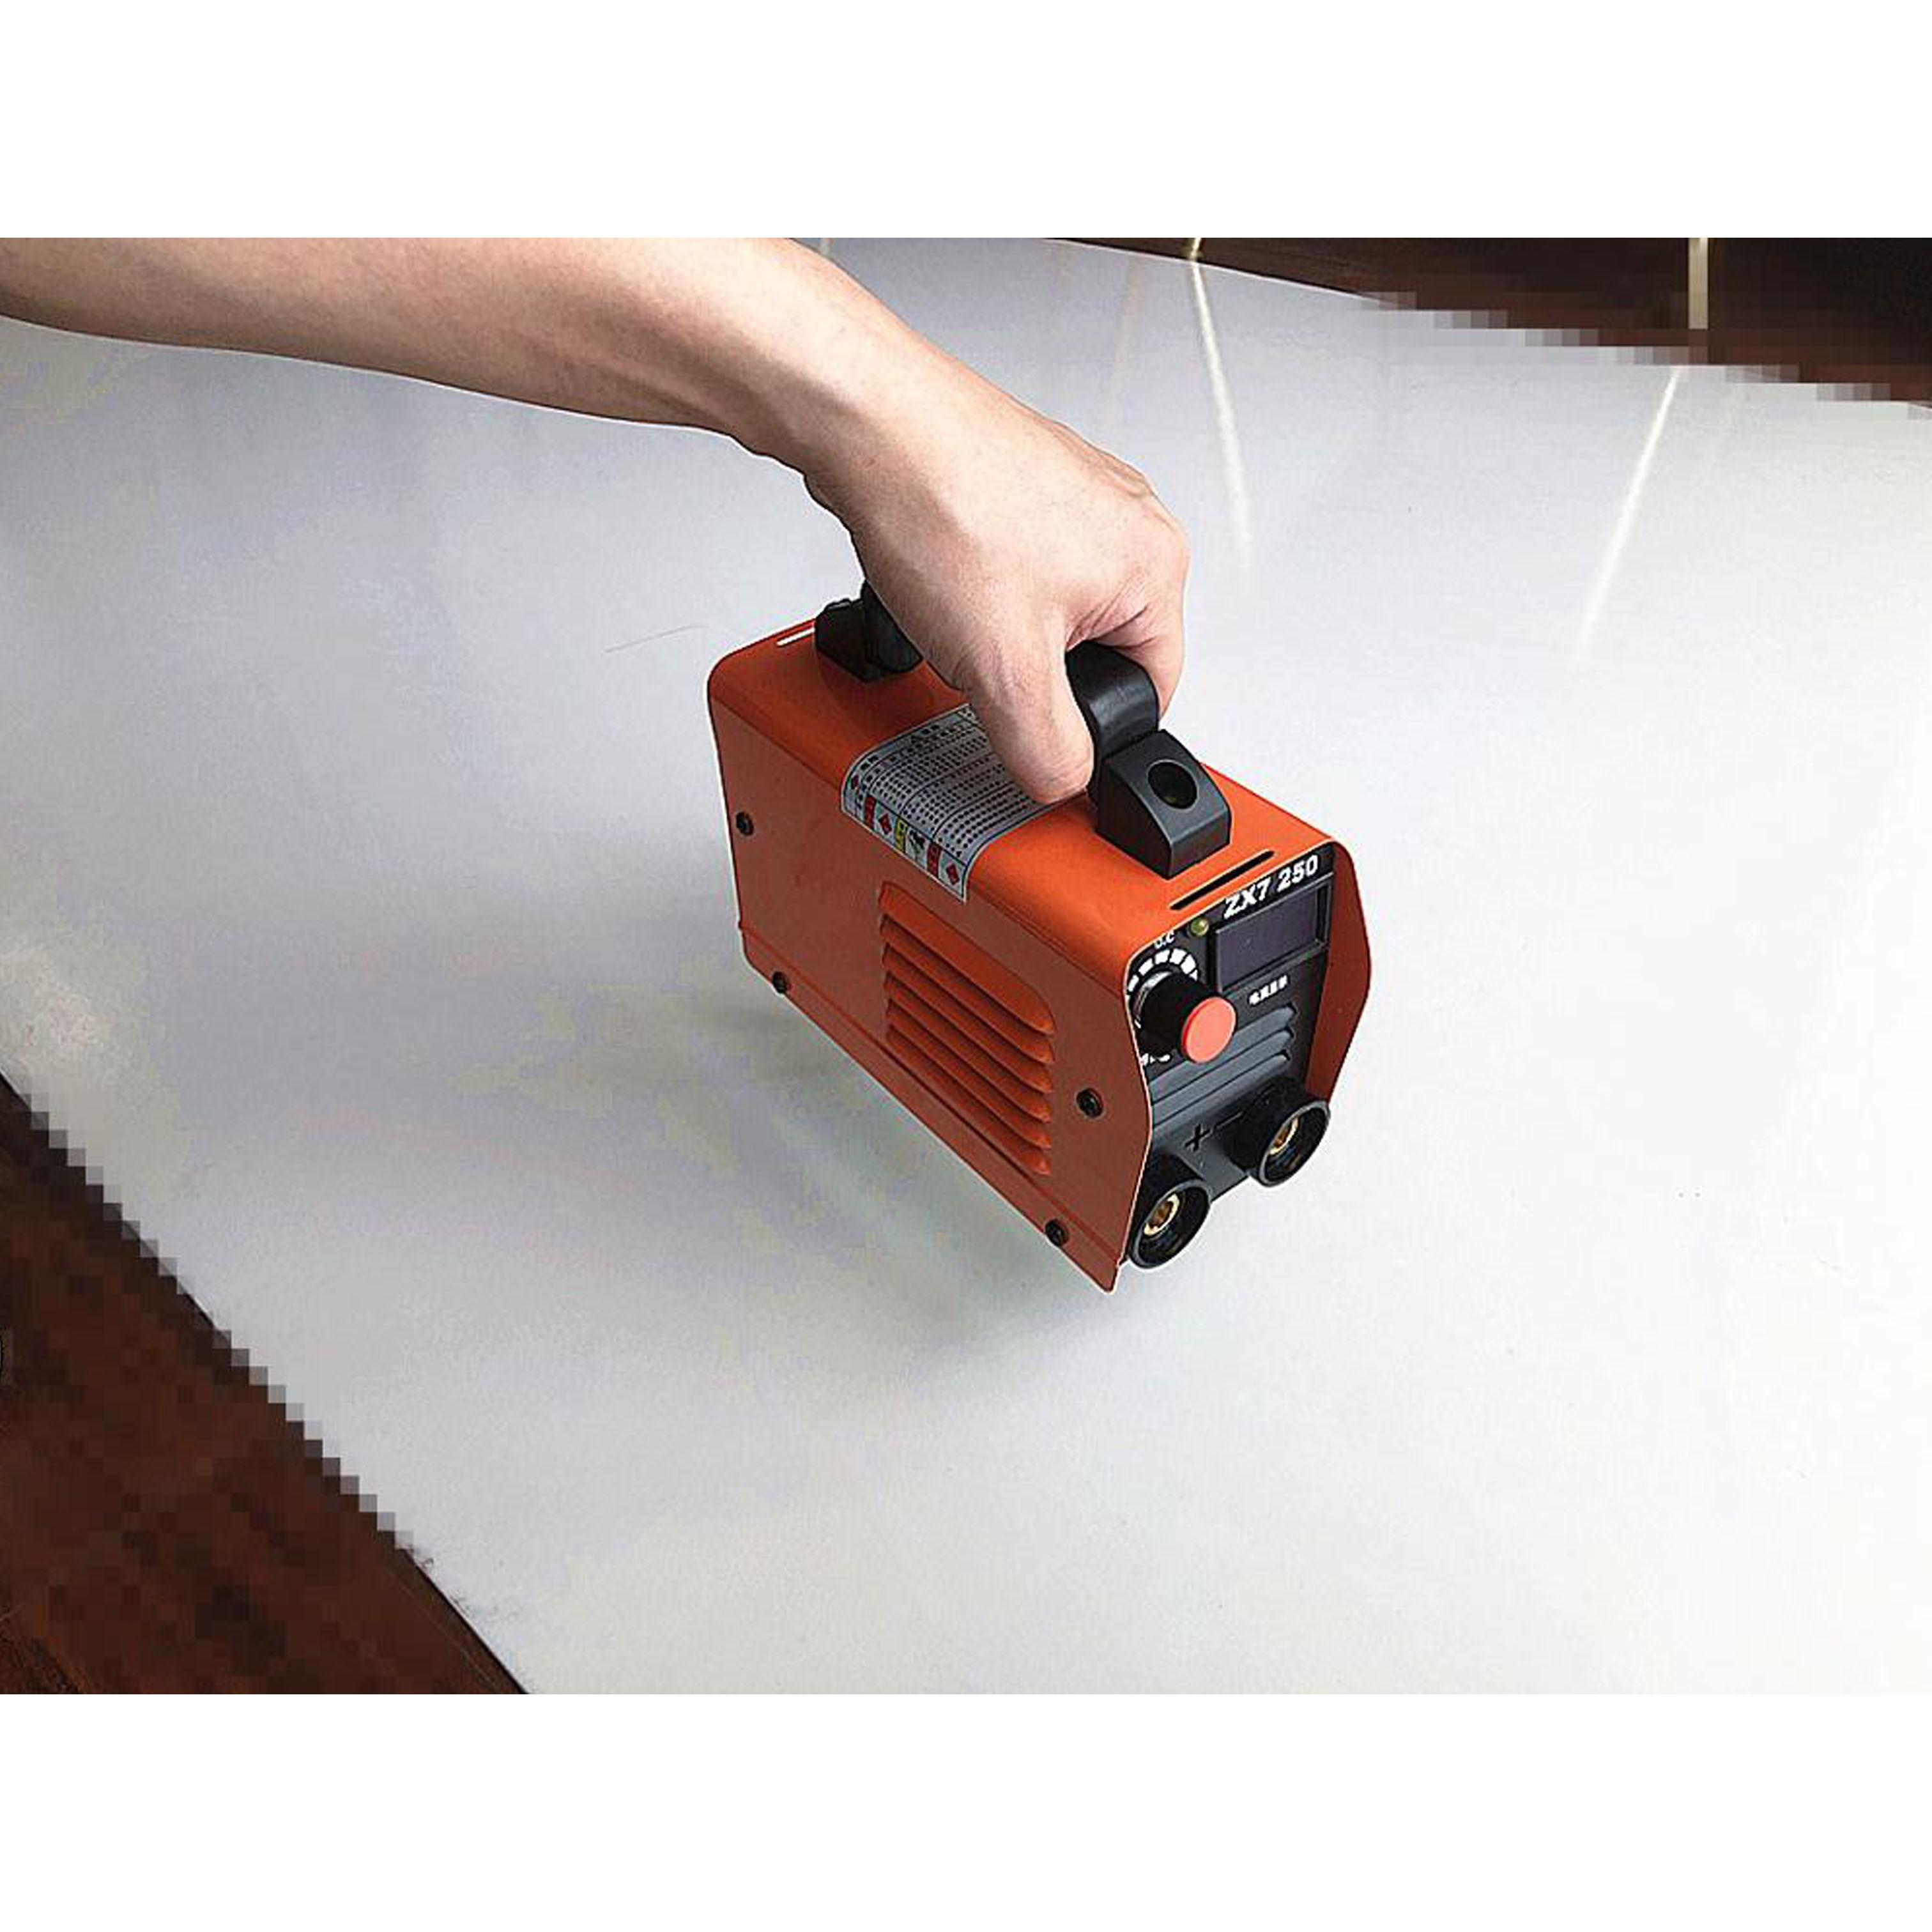 RU lieferung 250V Kompakte Mini MMA Schweißer Inverter ARC Schweißen Maschine Stick Schweißer